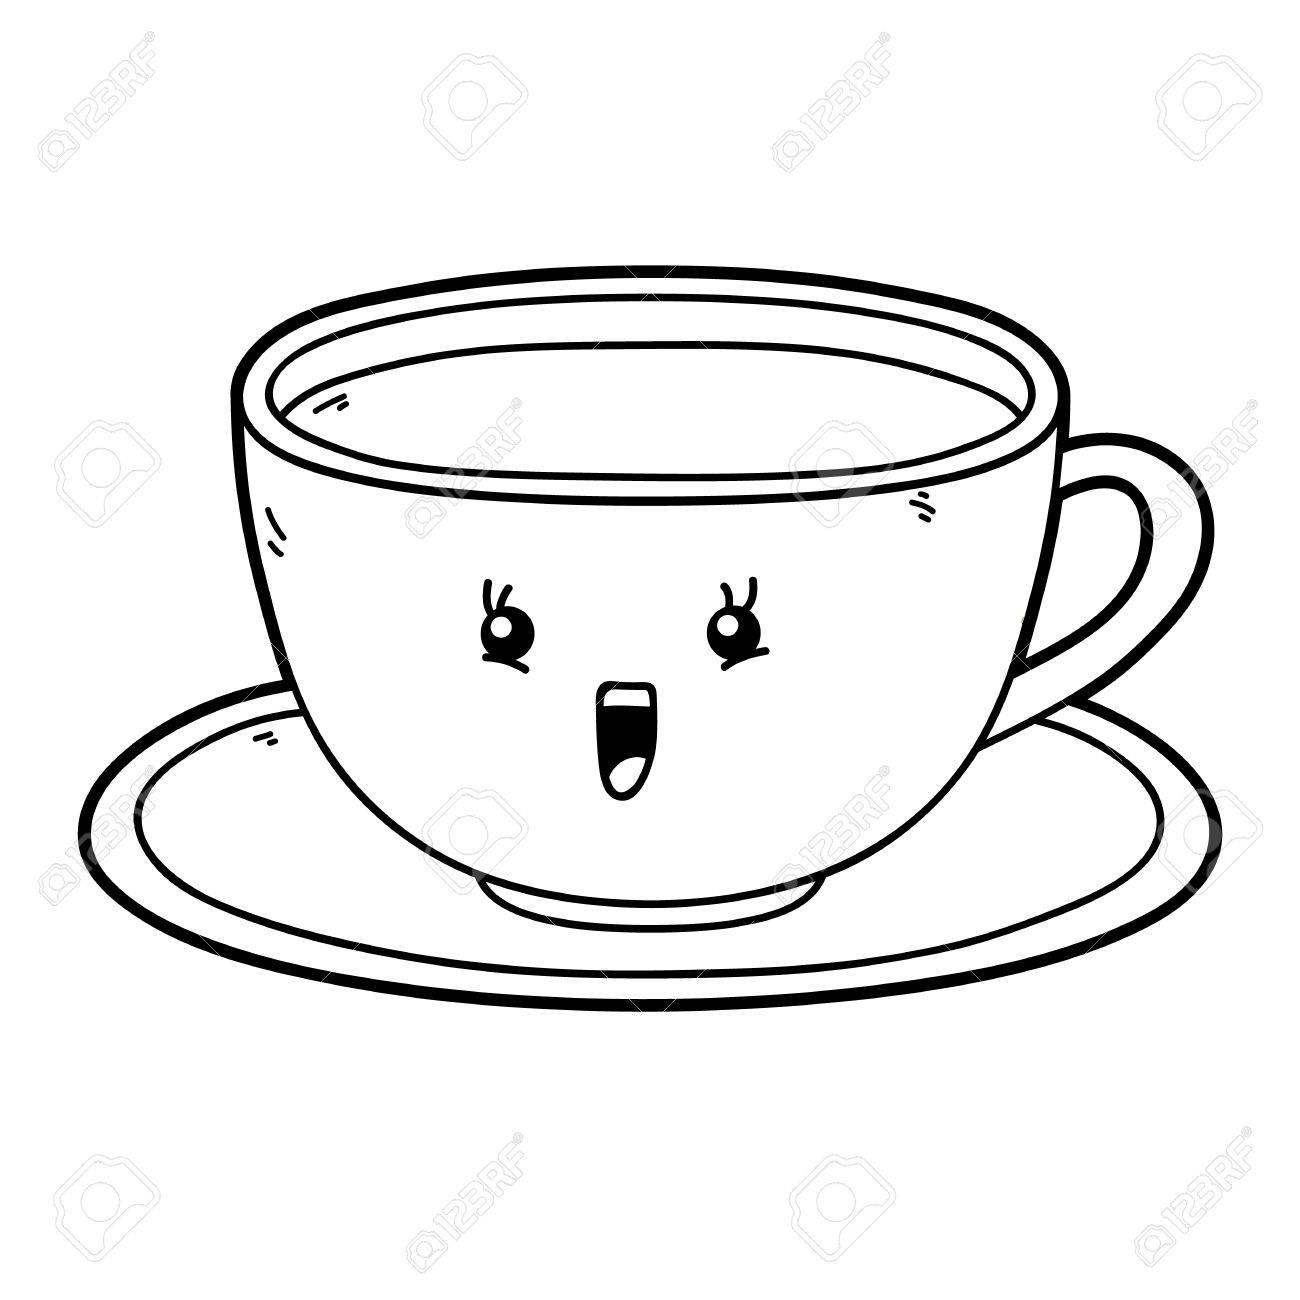 Vektor-Illustration Von Niedlichen Cartoon Tasse Zeichen Für Kinder ...